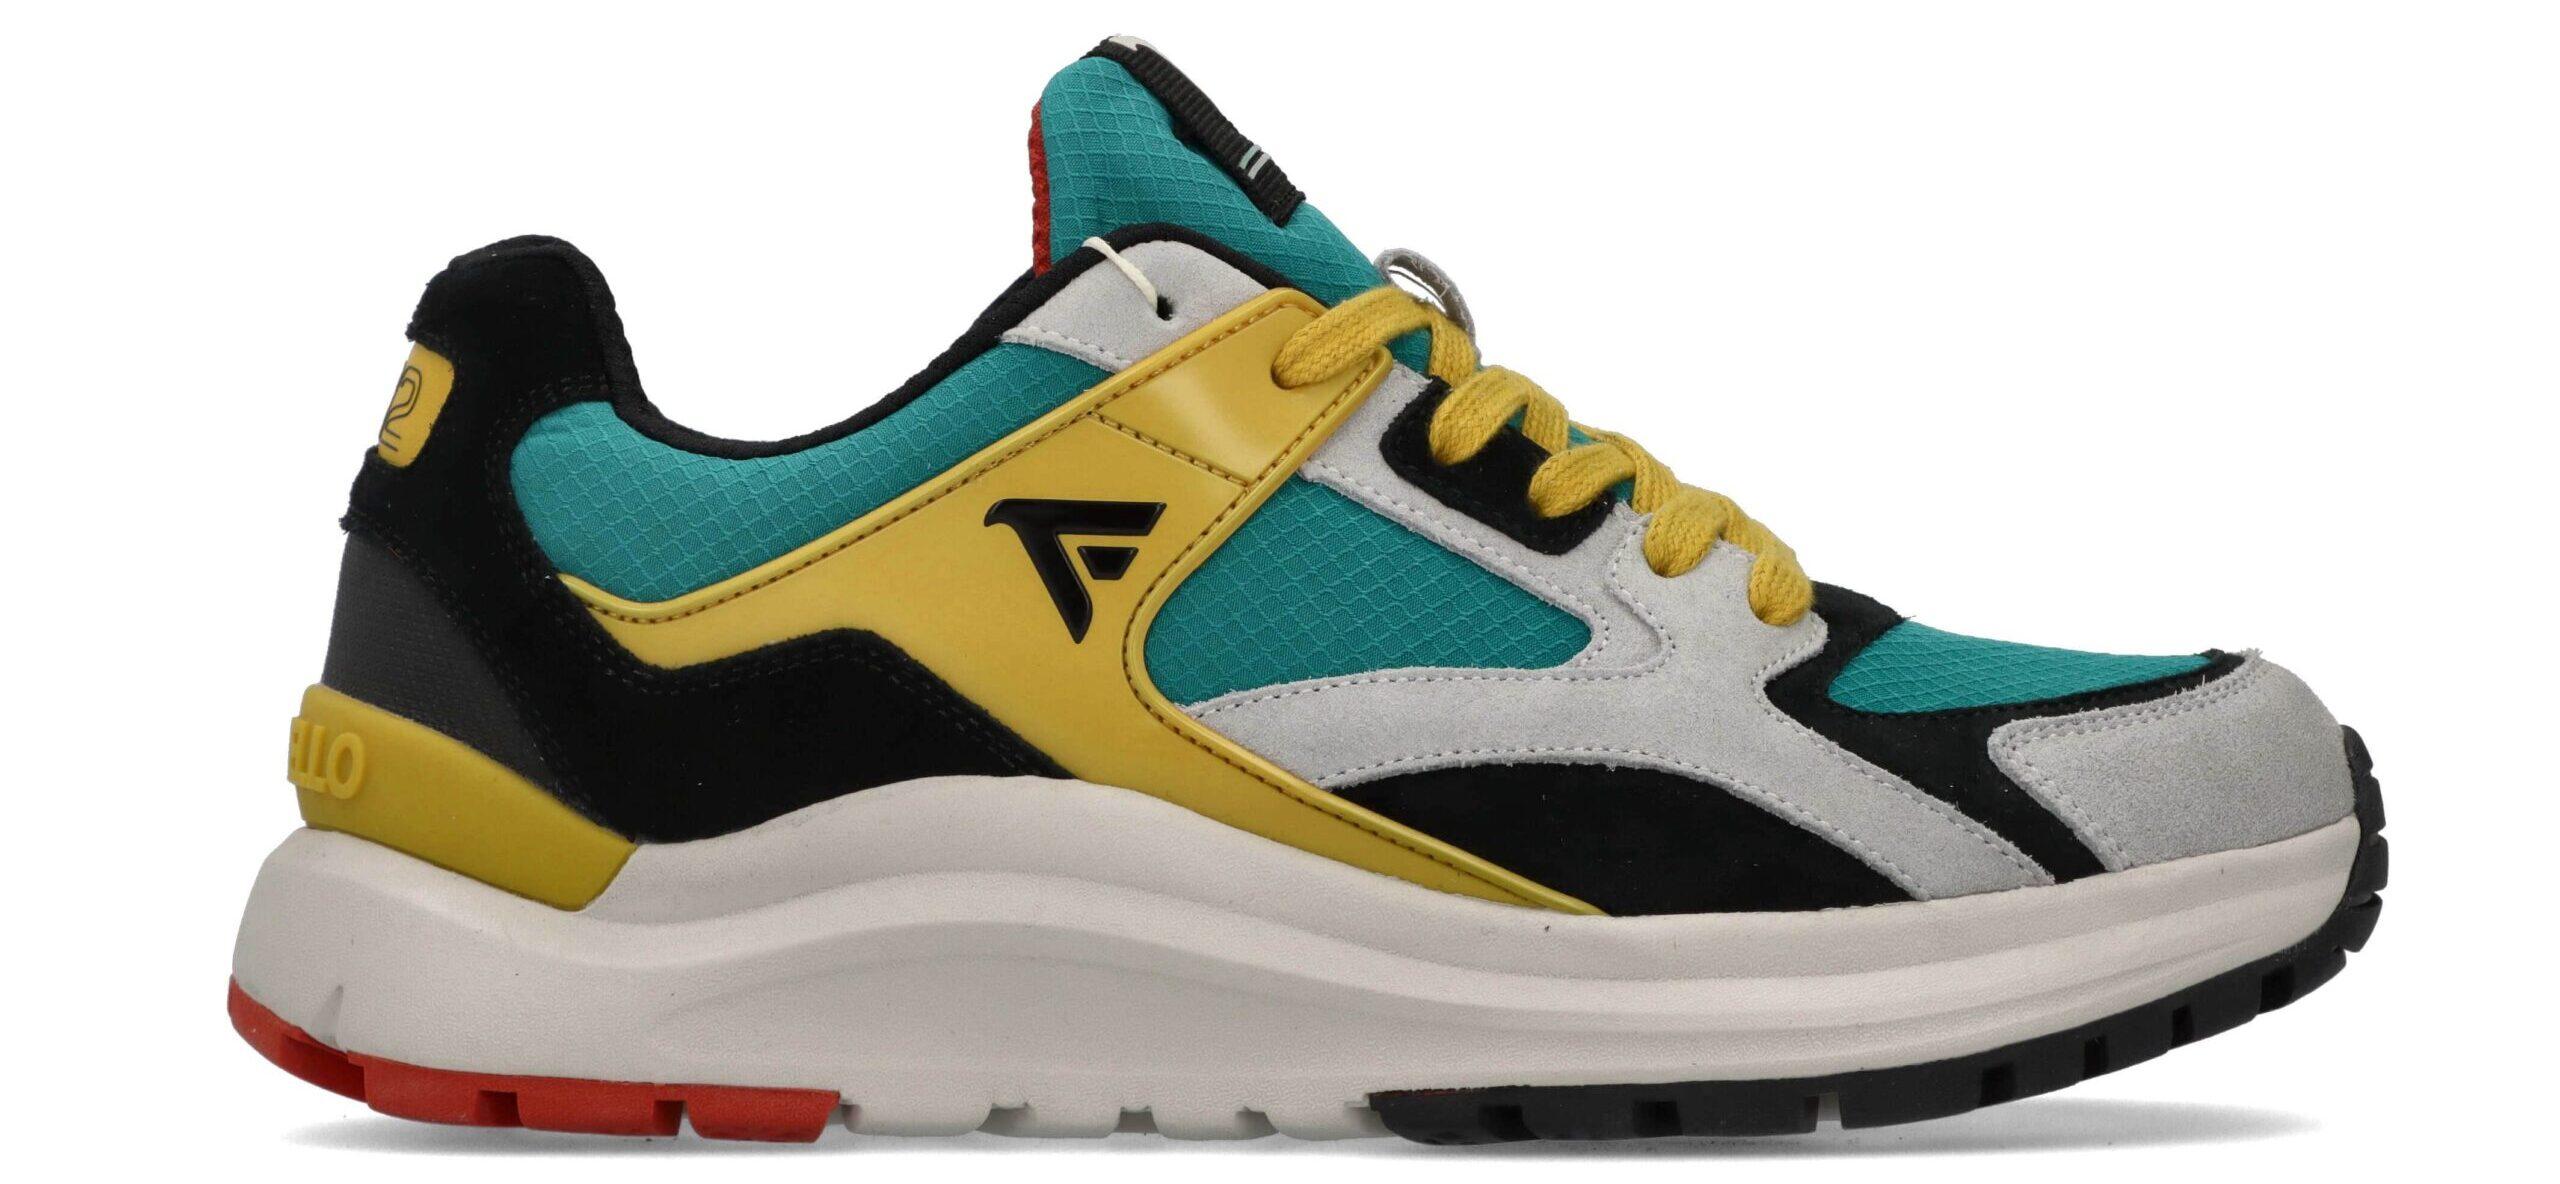 Fred Mello collezione sneaker Autunno-Inverno 2021 2022. Il nuovo modello Licoln